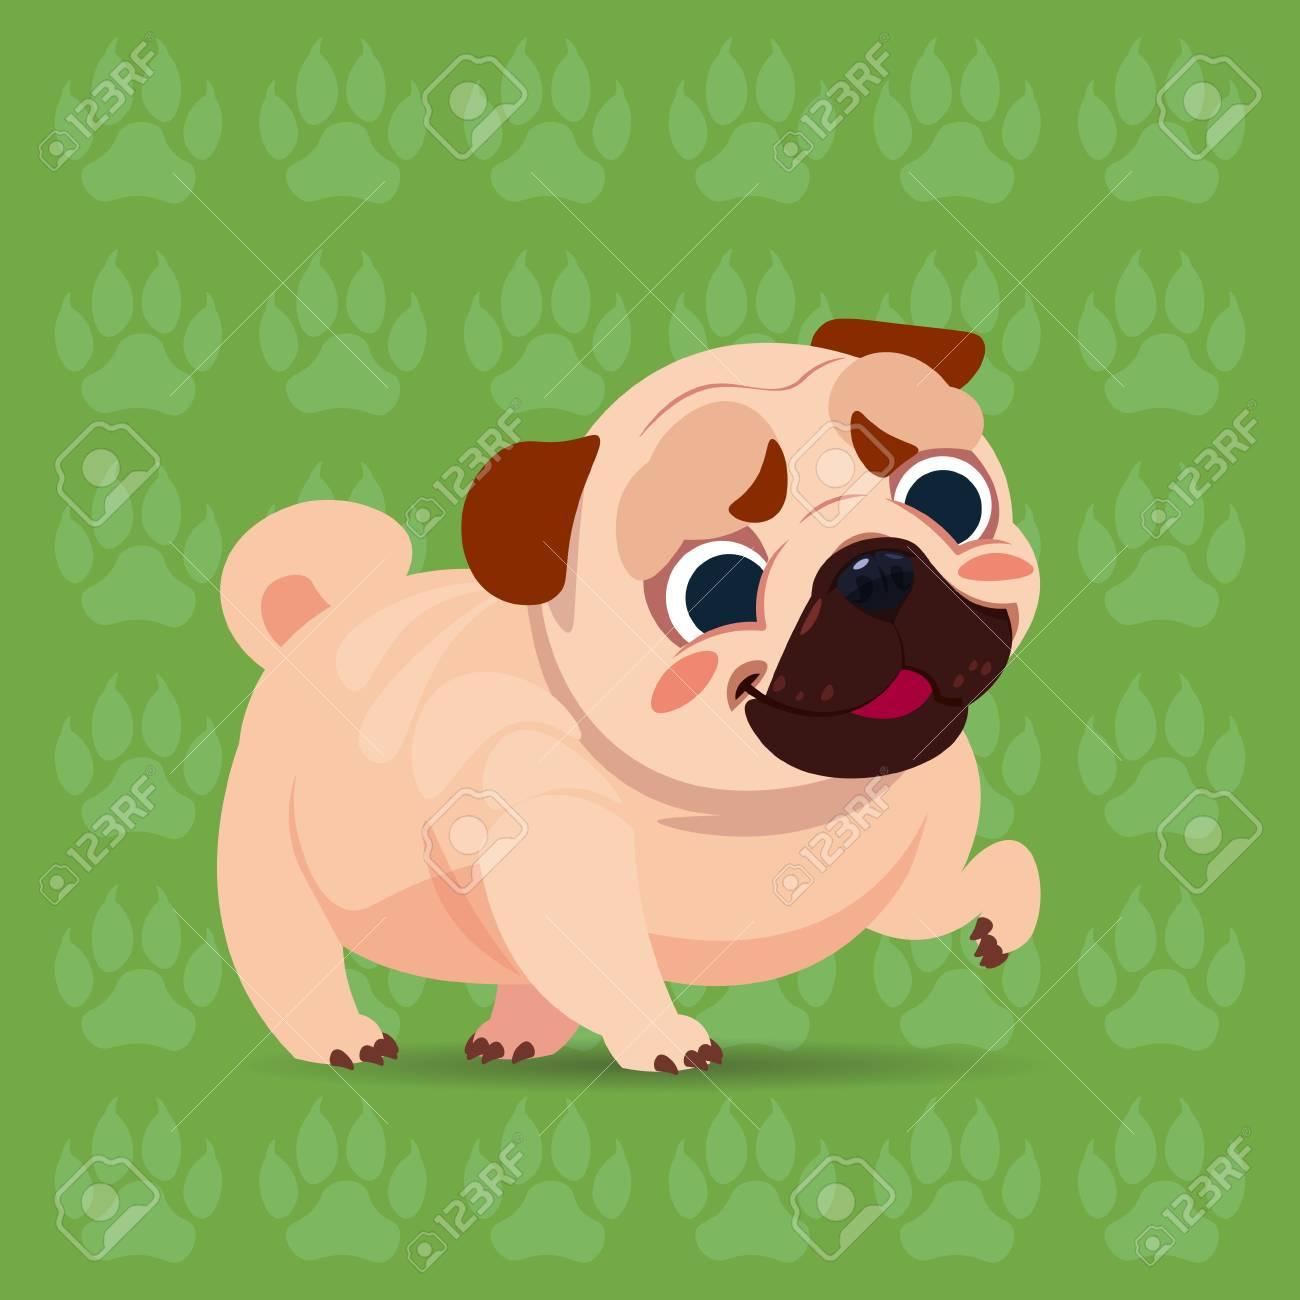 Perro Pug Dibujos Animados Feliz Sentado Sobre Fondo De Huellas